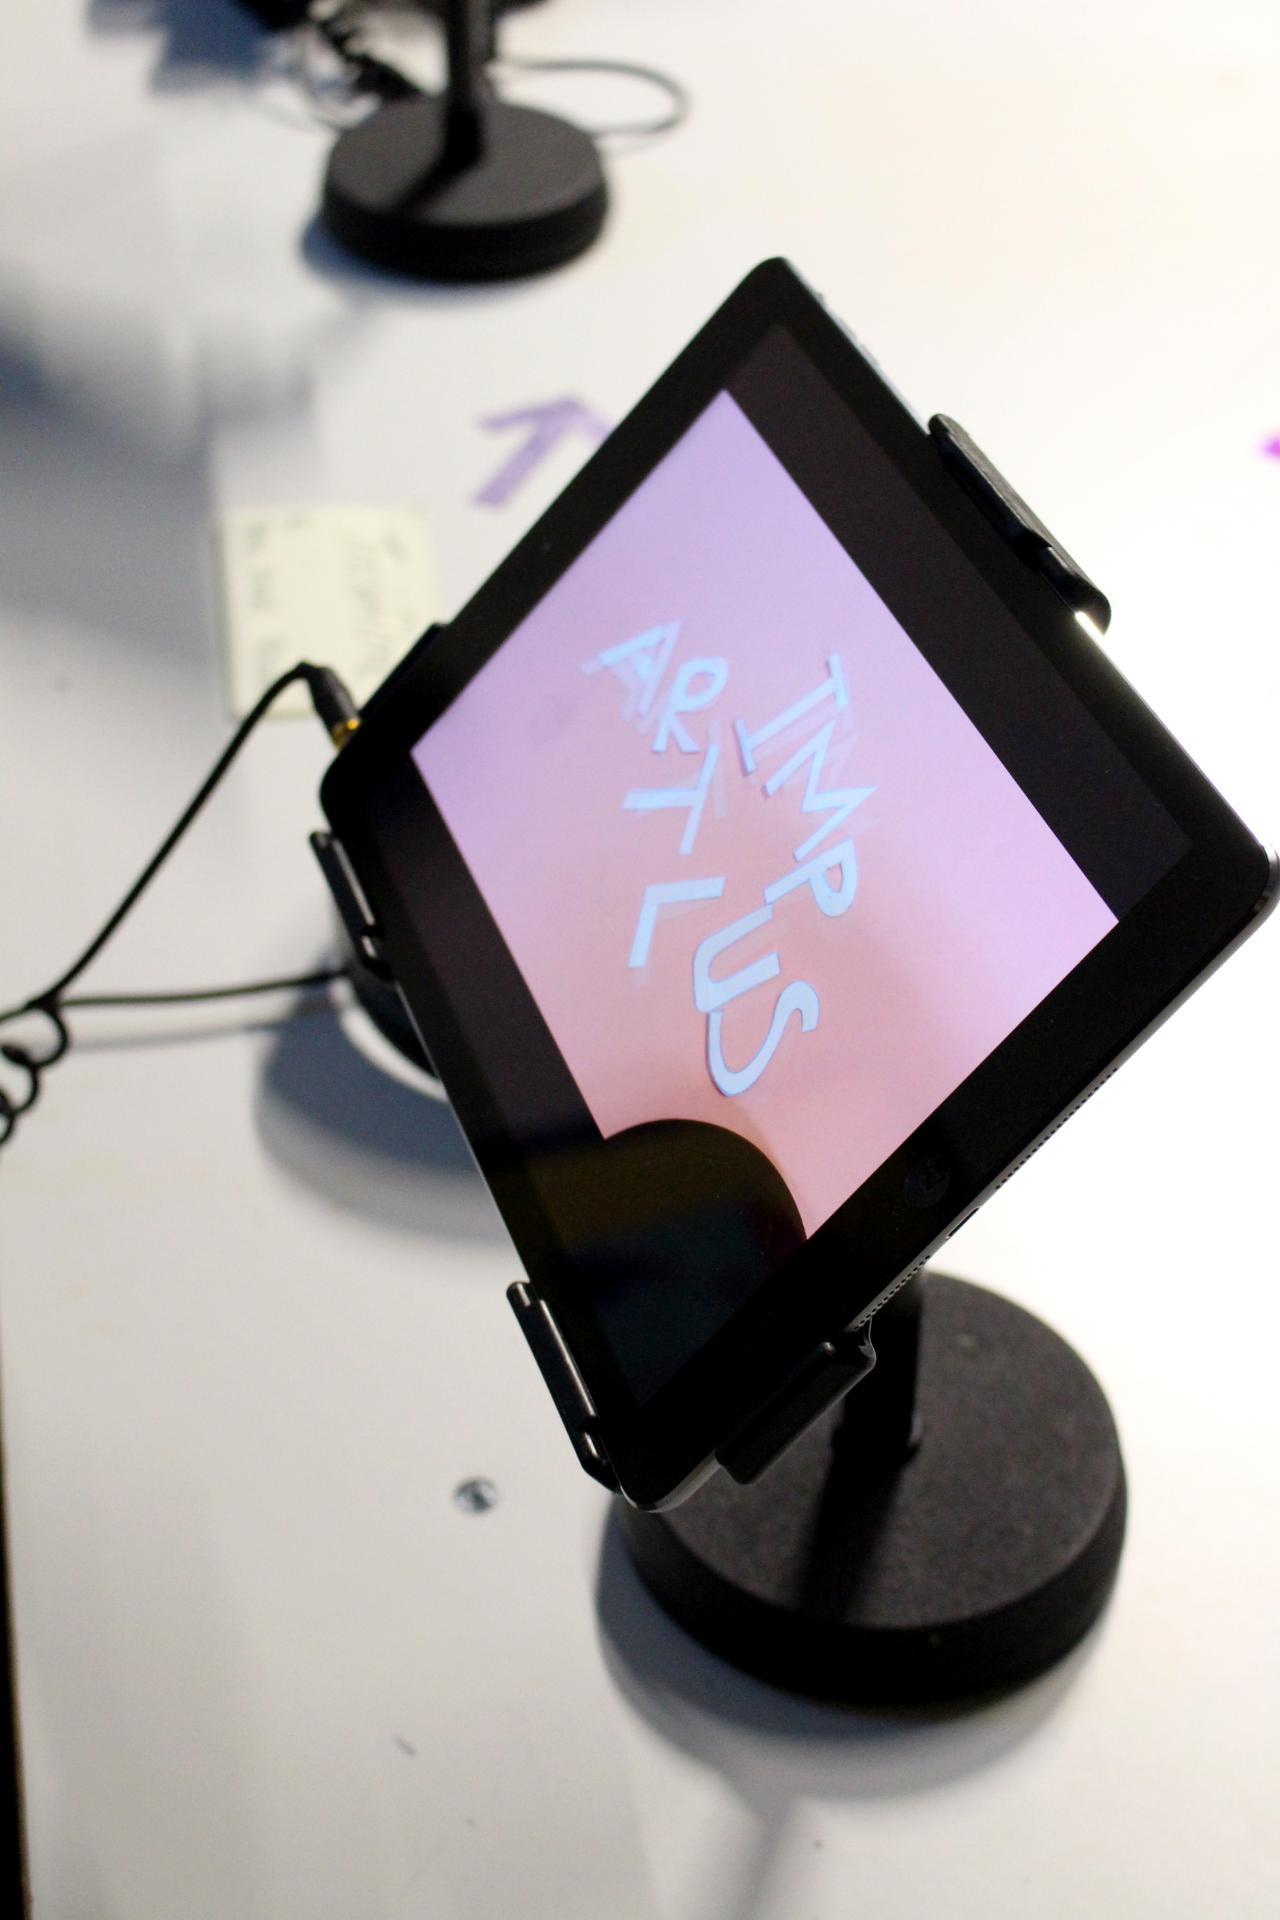 Eine Fotoaufnahme eines iPads im Rahmen der Veranstaltung »Art im Puls«.